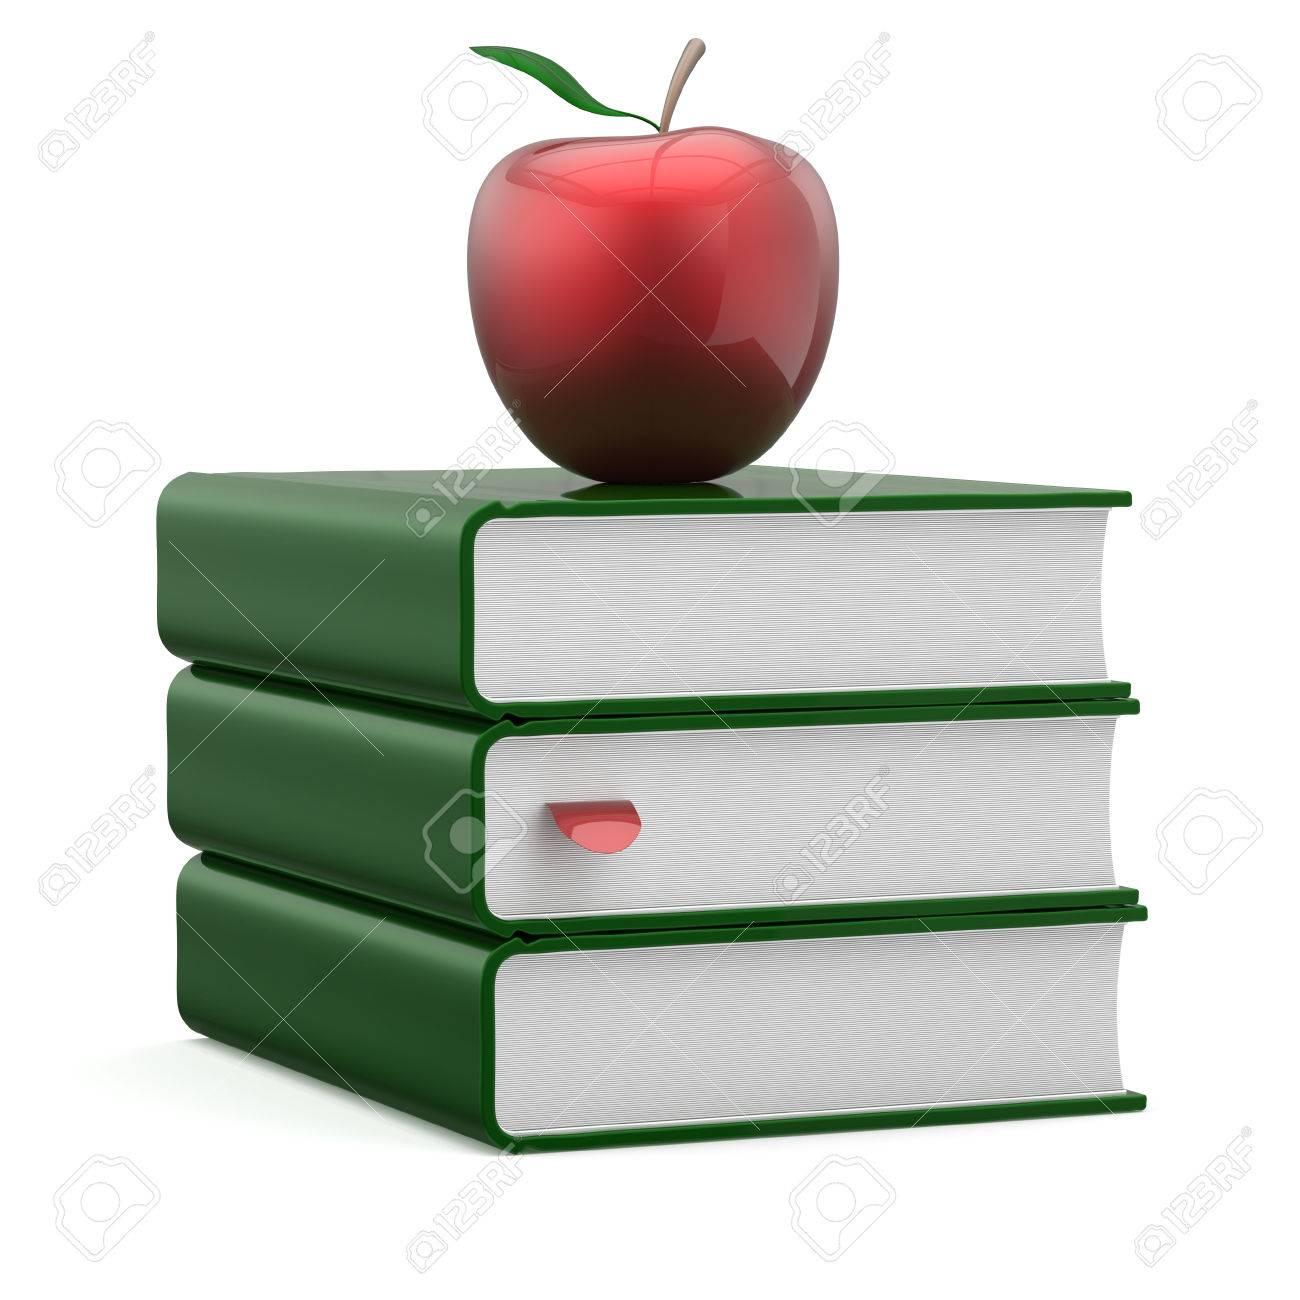 Livres Vert Couvre Livre Scolaire Pile Blank Bookmark Rouge Apple Education Etude Lecture Apprentissage Ecole Connaissance Litterature Question